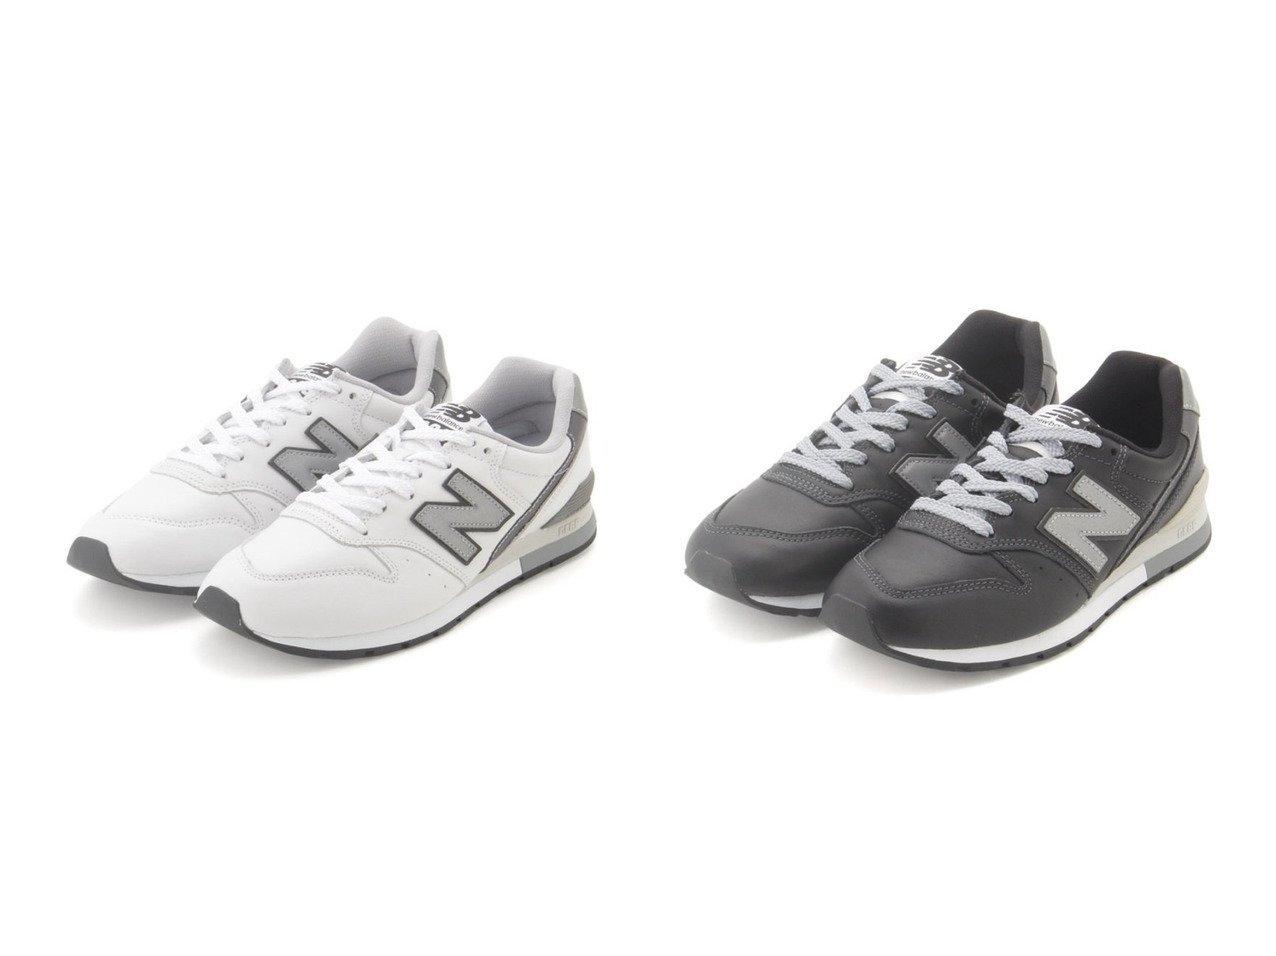 【emmi/エミ】の【New Balance】CM996&【New Balance】CM996 シューズ・靴のおすすめ!人気、トレンド・レディースファッションの通販  おすすめで人気の流行・トレンド、ファッションの通販商品 メンズファッション・キッズファッション・インテリア・家具・レディースファッション・服の通販 founy(ファニー) https://founy.com/ ファッション Fashion レディースファッション WOMEN シューズ スニーカー スリッポン  ID:crp329100000009844